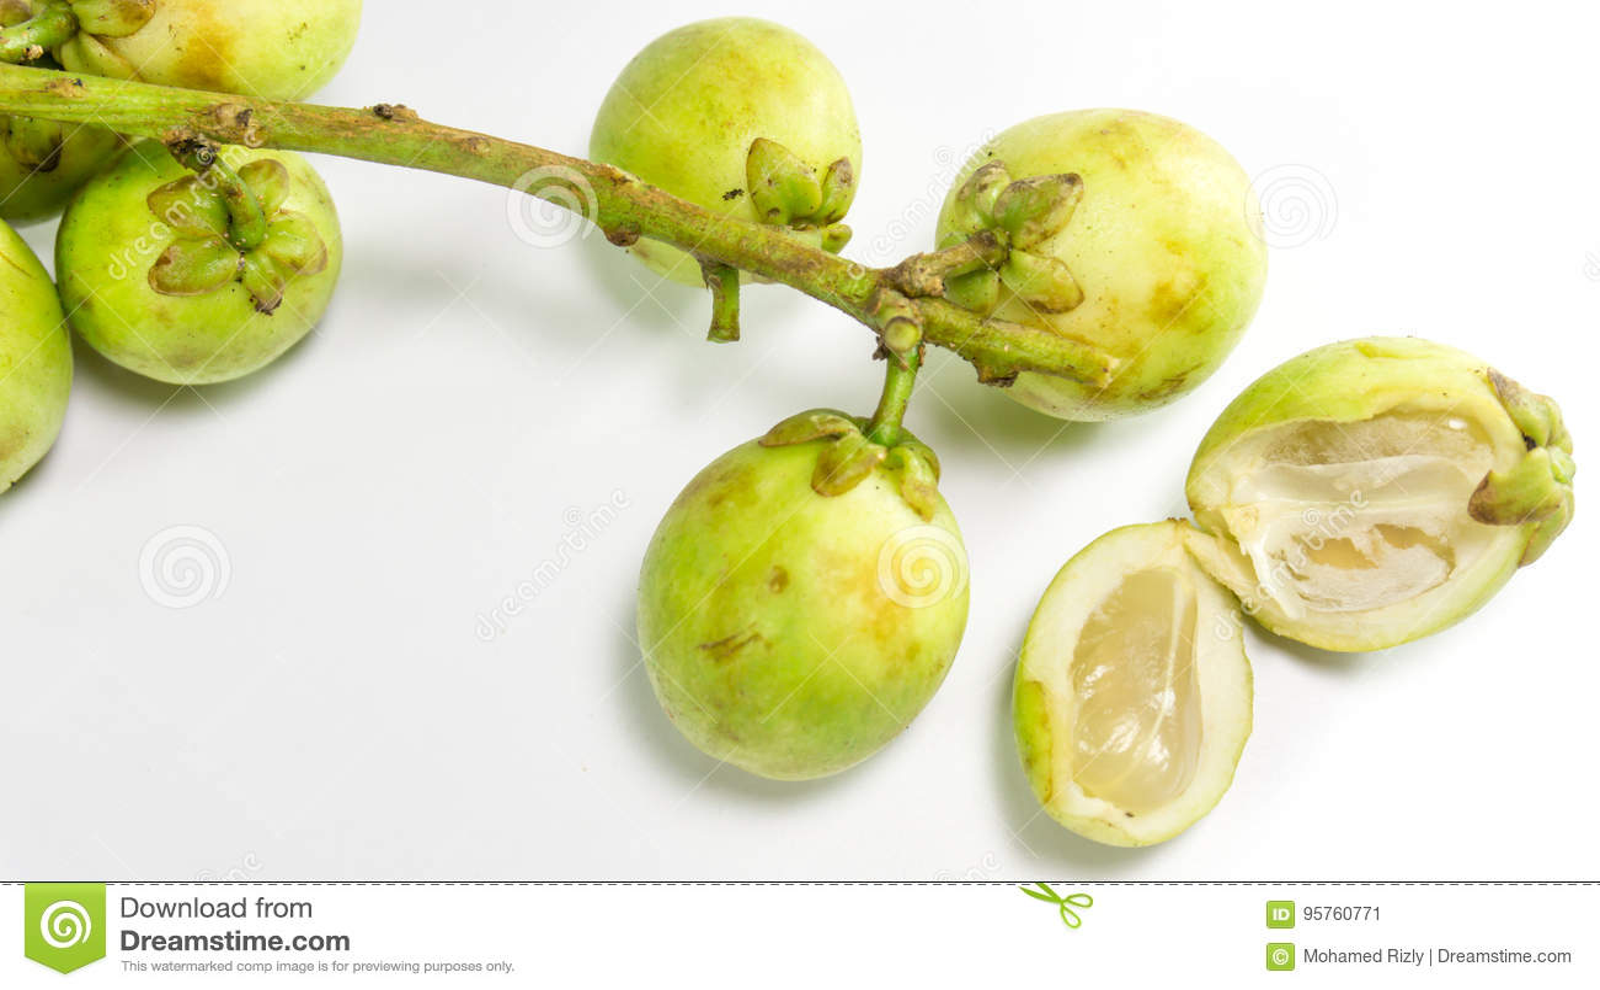 Longkong, Langsat or Lanzones fruit is endemic to Southeast Asia/ Gadu guda,